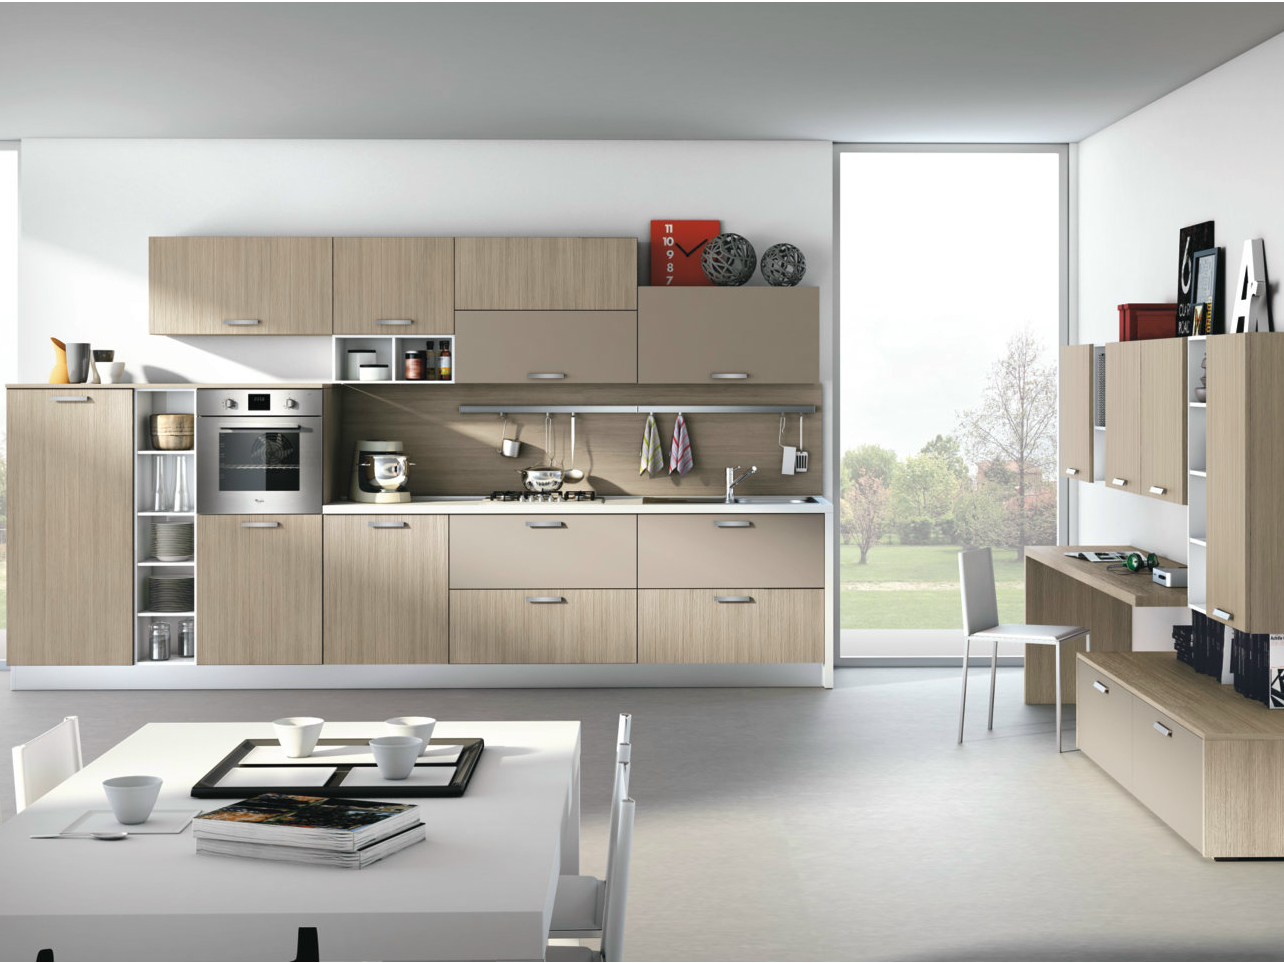 Cucina Componibile Lineare Con Maniglie ALMA By CREO Kitchens By Lube #674135 1284 963 Foto Di Cucine In Stile Provenzale